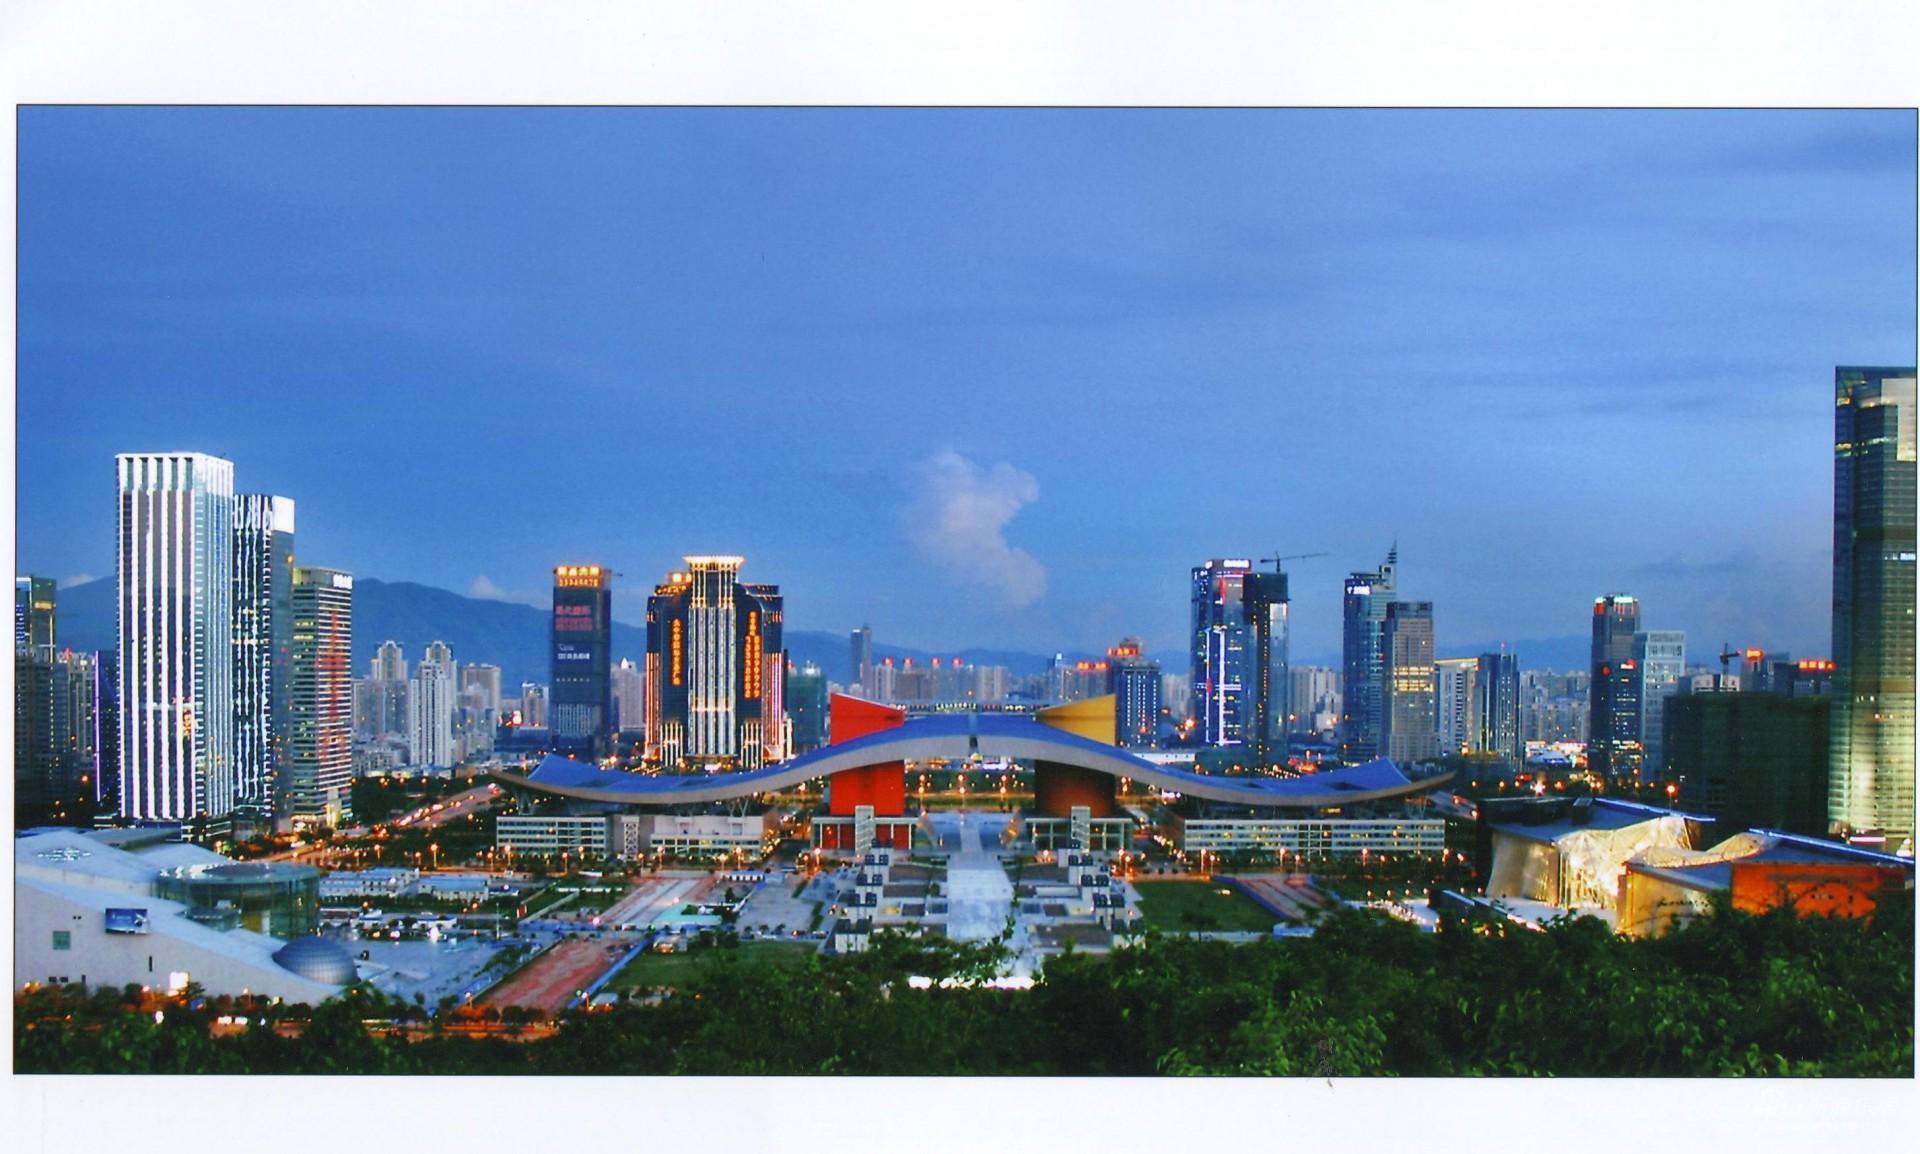 739米!中国要建深圳第一高楼!你还记得曾经称介绍大全美食河源图片